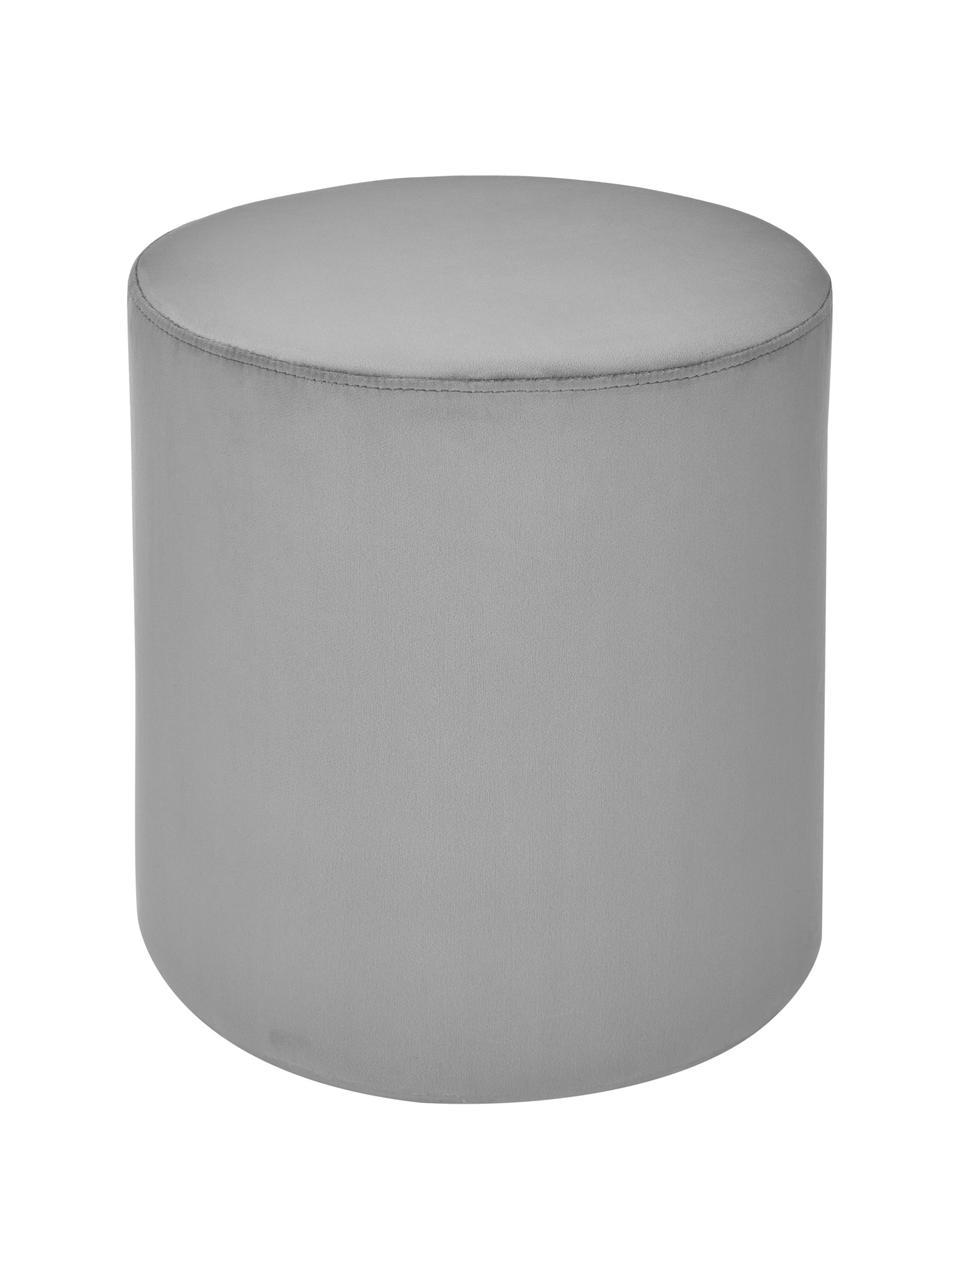 Fluwelen poef Daisy in grijs, Bekleding: fluweel (polyester), Frame: multiplex, Fluweel grijs, Ø 38 x H 45 cm